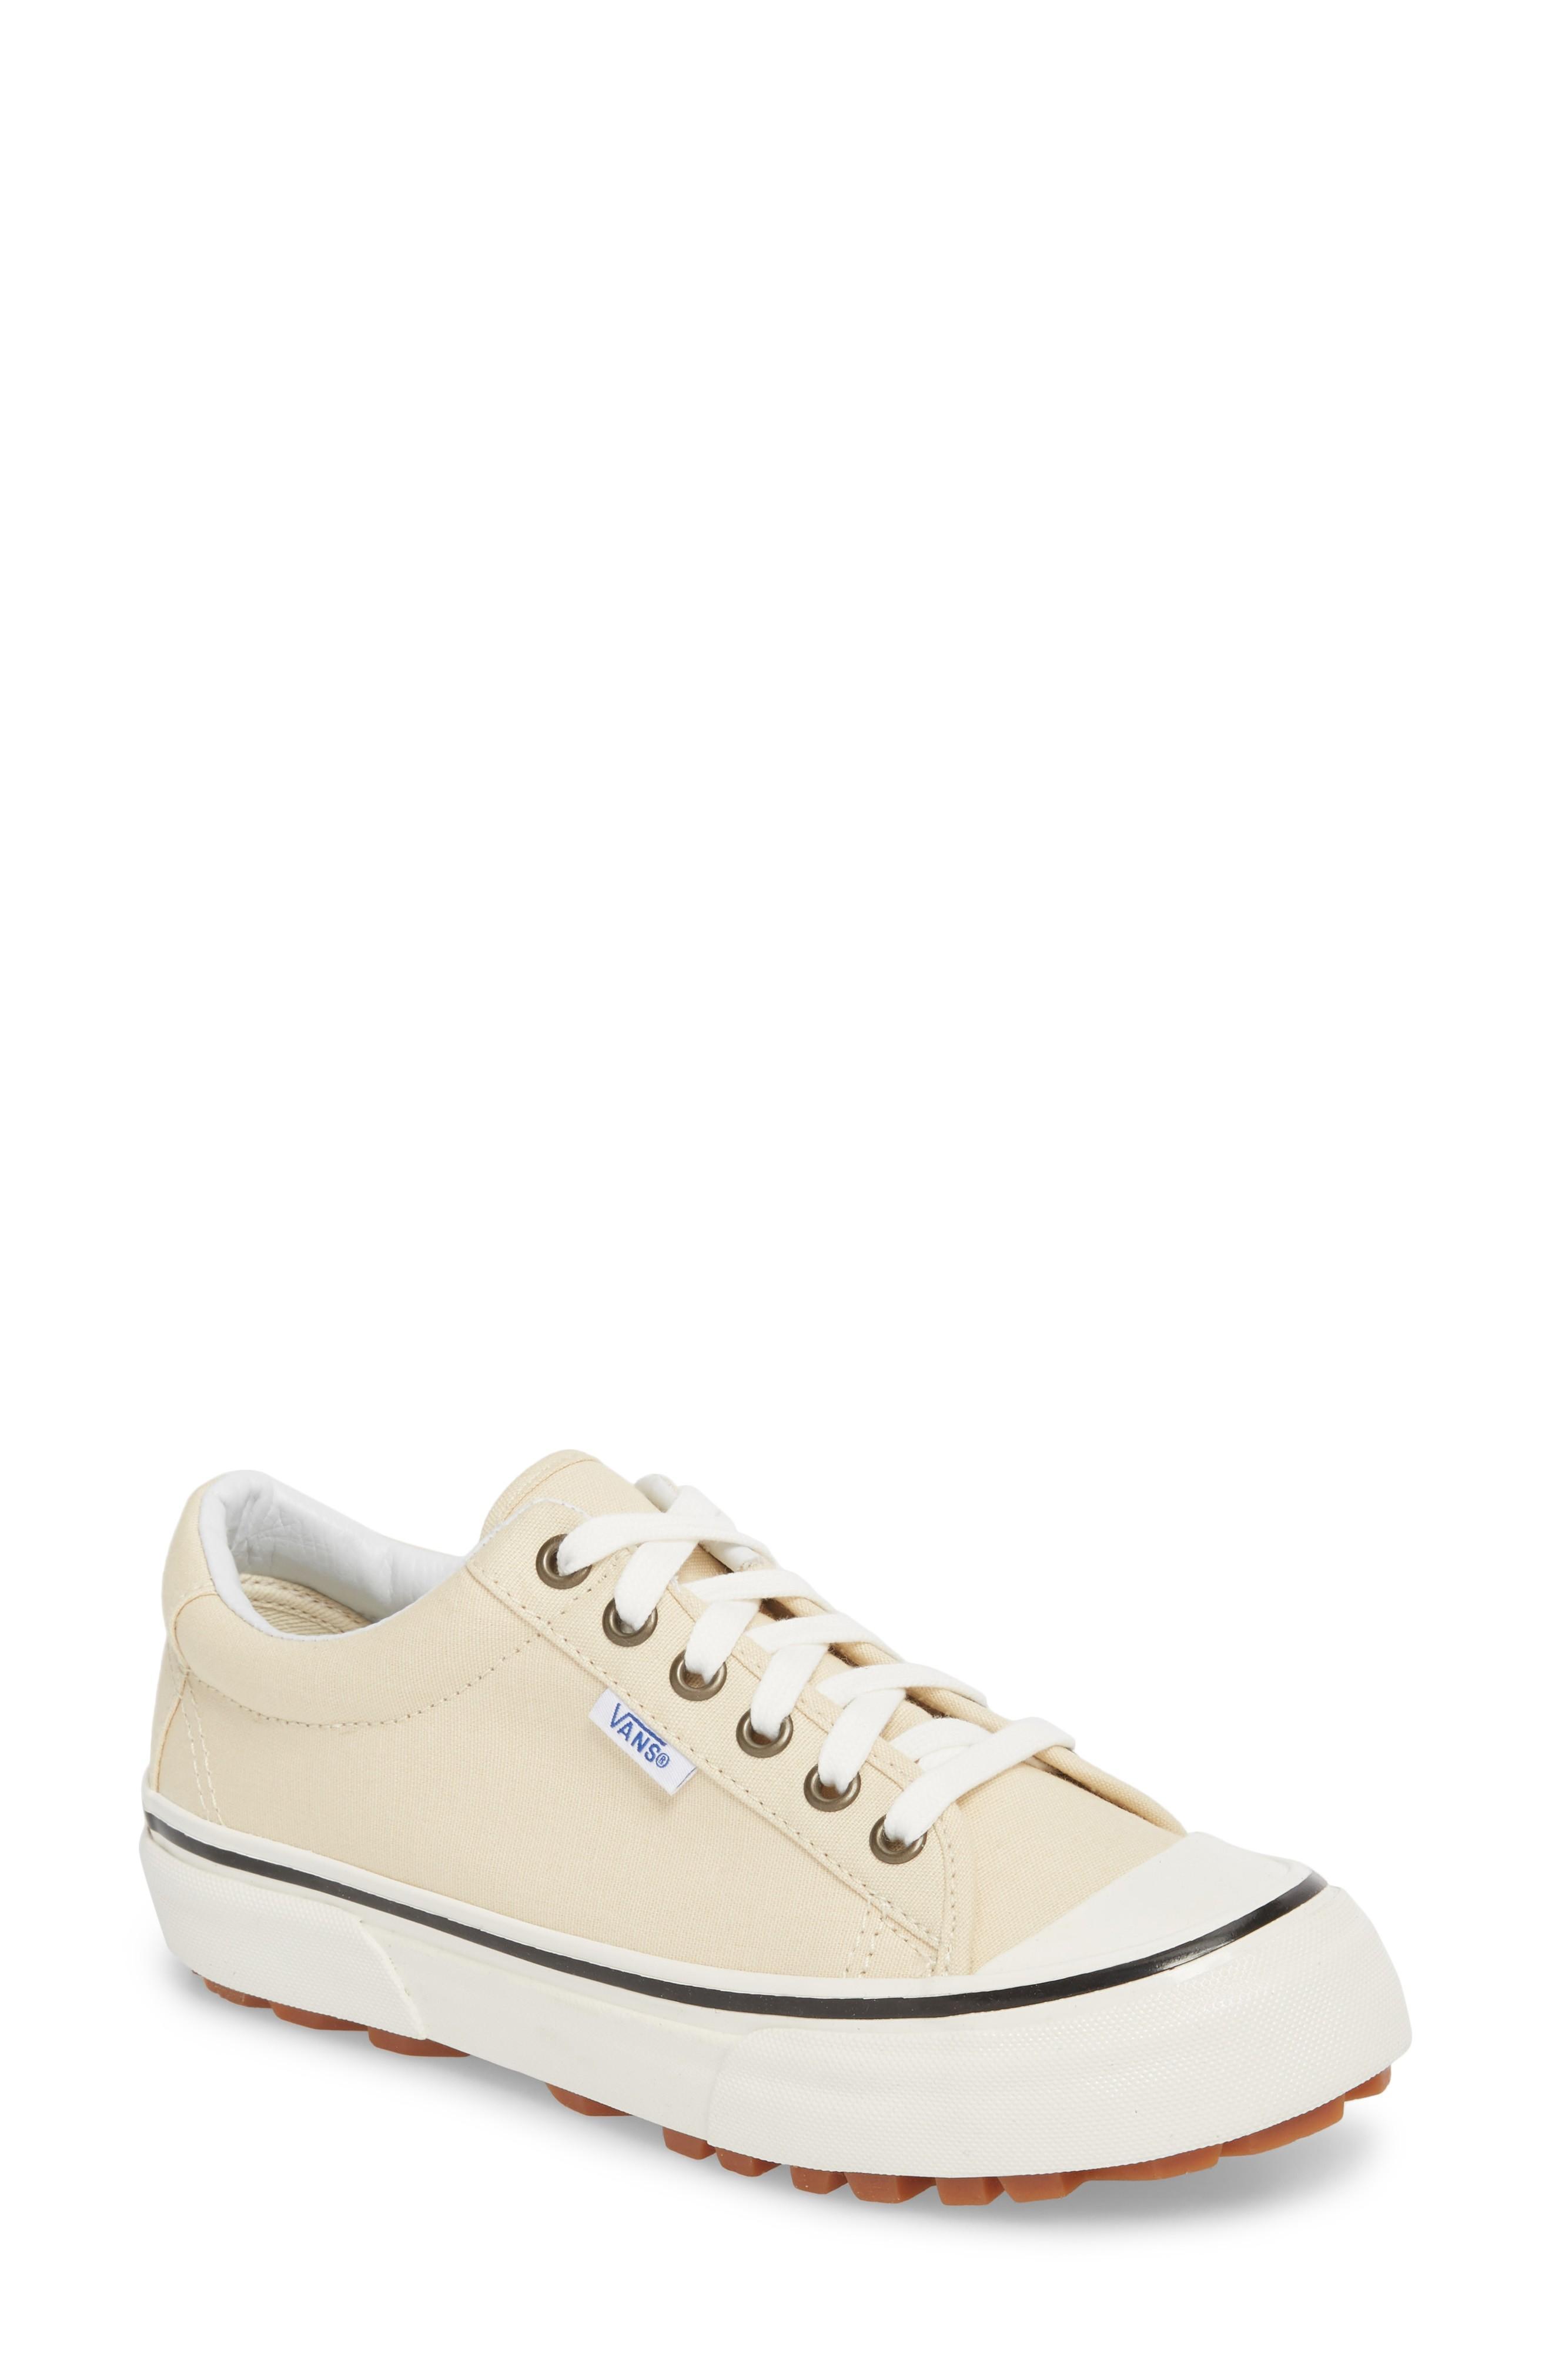 eba3758512 Vans Anaheim Factory Style 29 Dx Sneaker In Anaheim Factory Cream ...